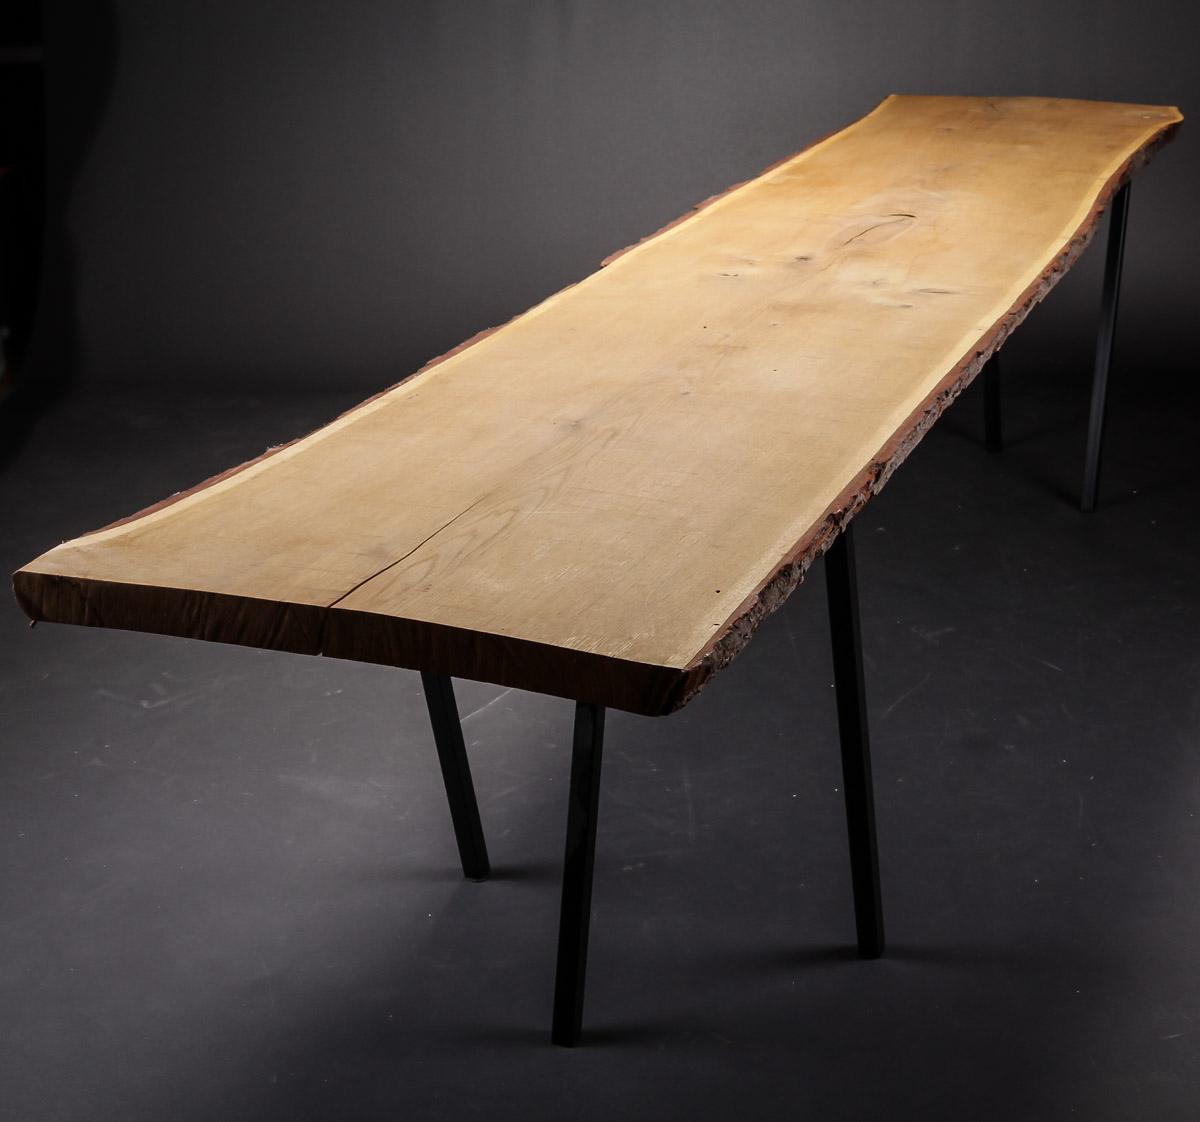 Auktionstipset - Plankebord af massivt egetræ